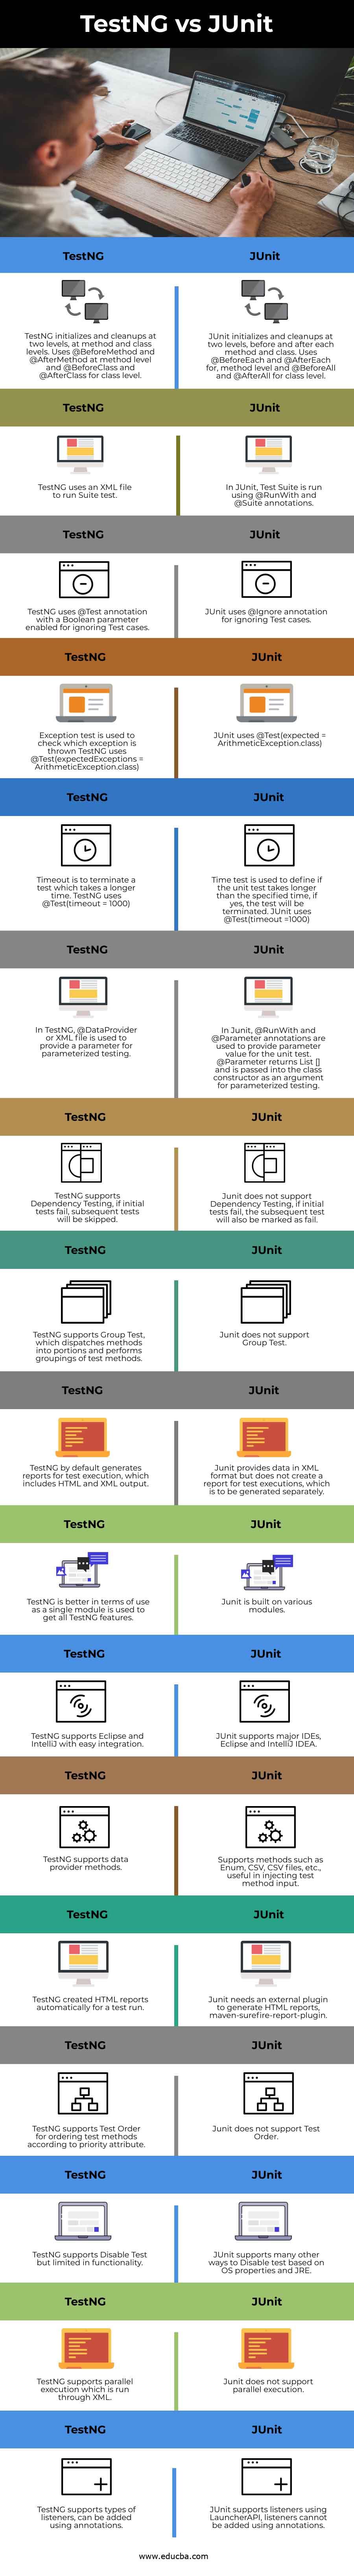 TestNG vs JUnit info